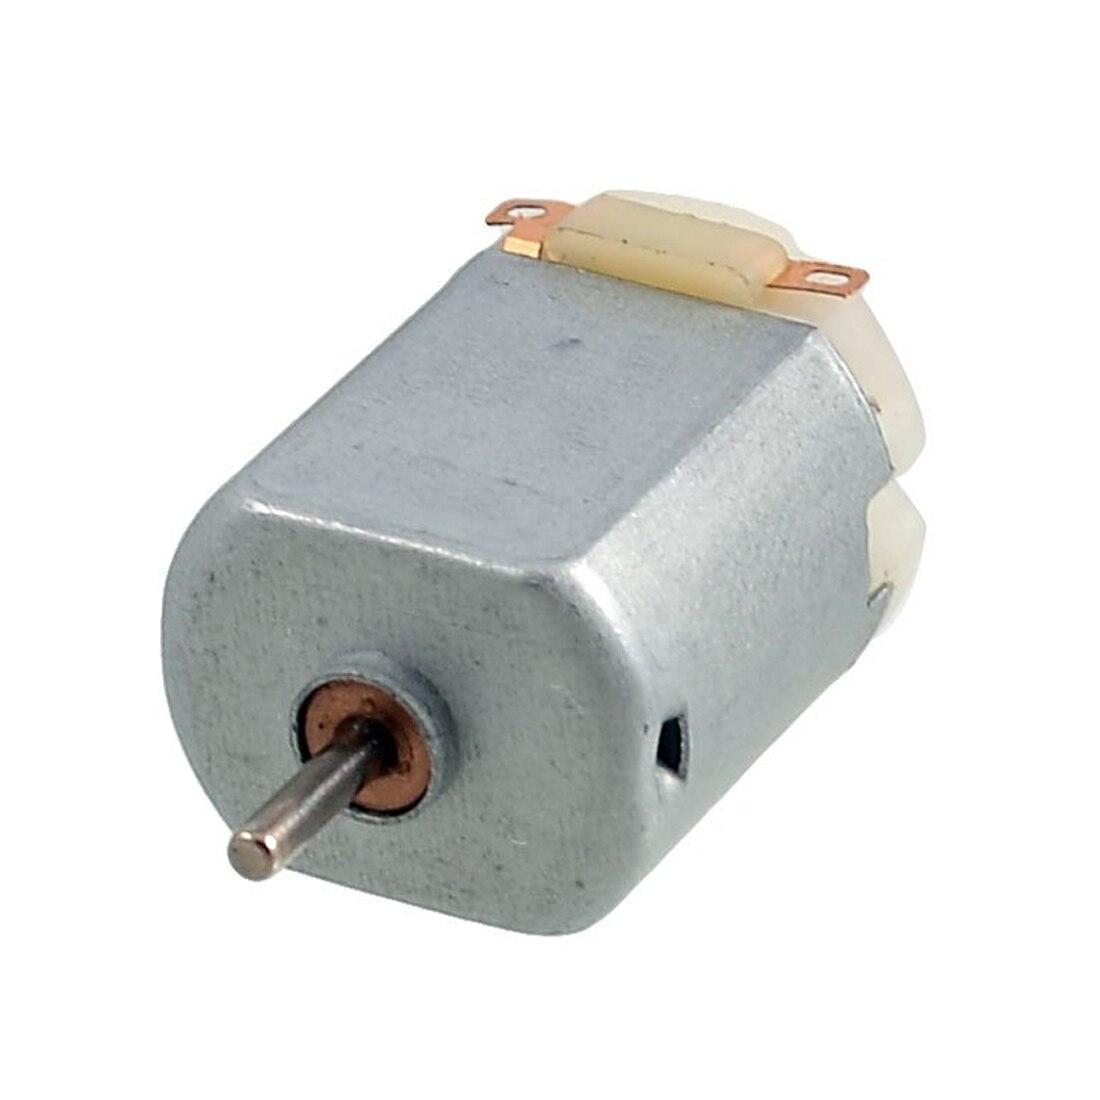 دروس ميدان الظواهر الكهربائية  حسب منهاج الجيل الثاني 2016   DC-3V-0-2A-12000RPM-65g-cm-font-b-Mini-b-font-font-b-Electric-b